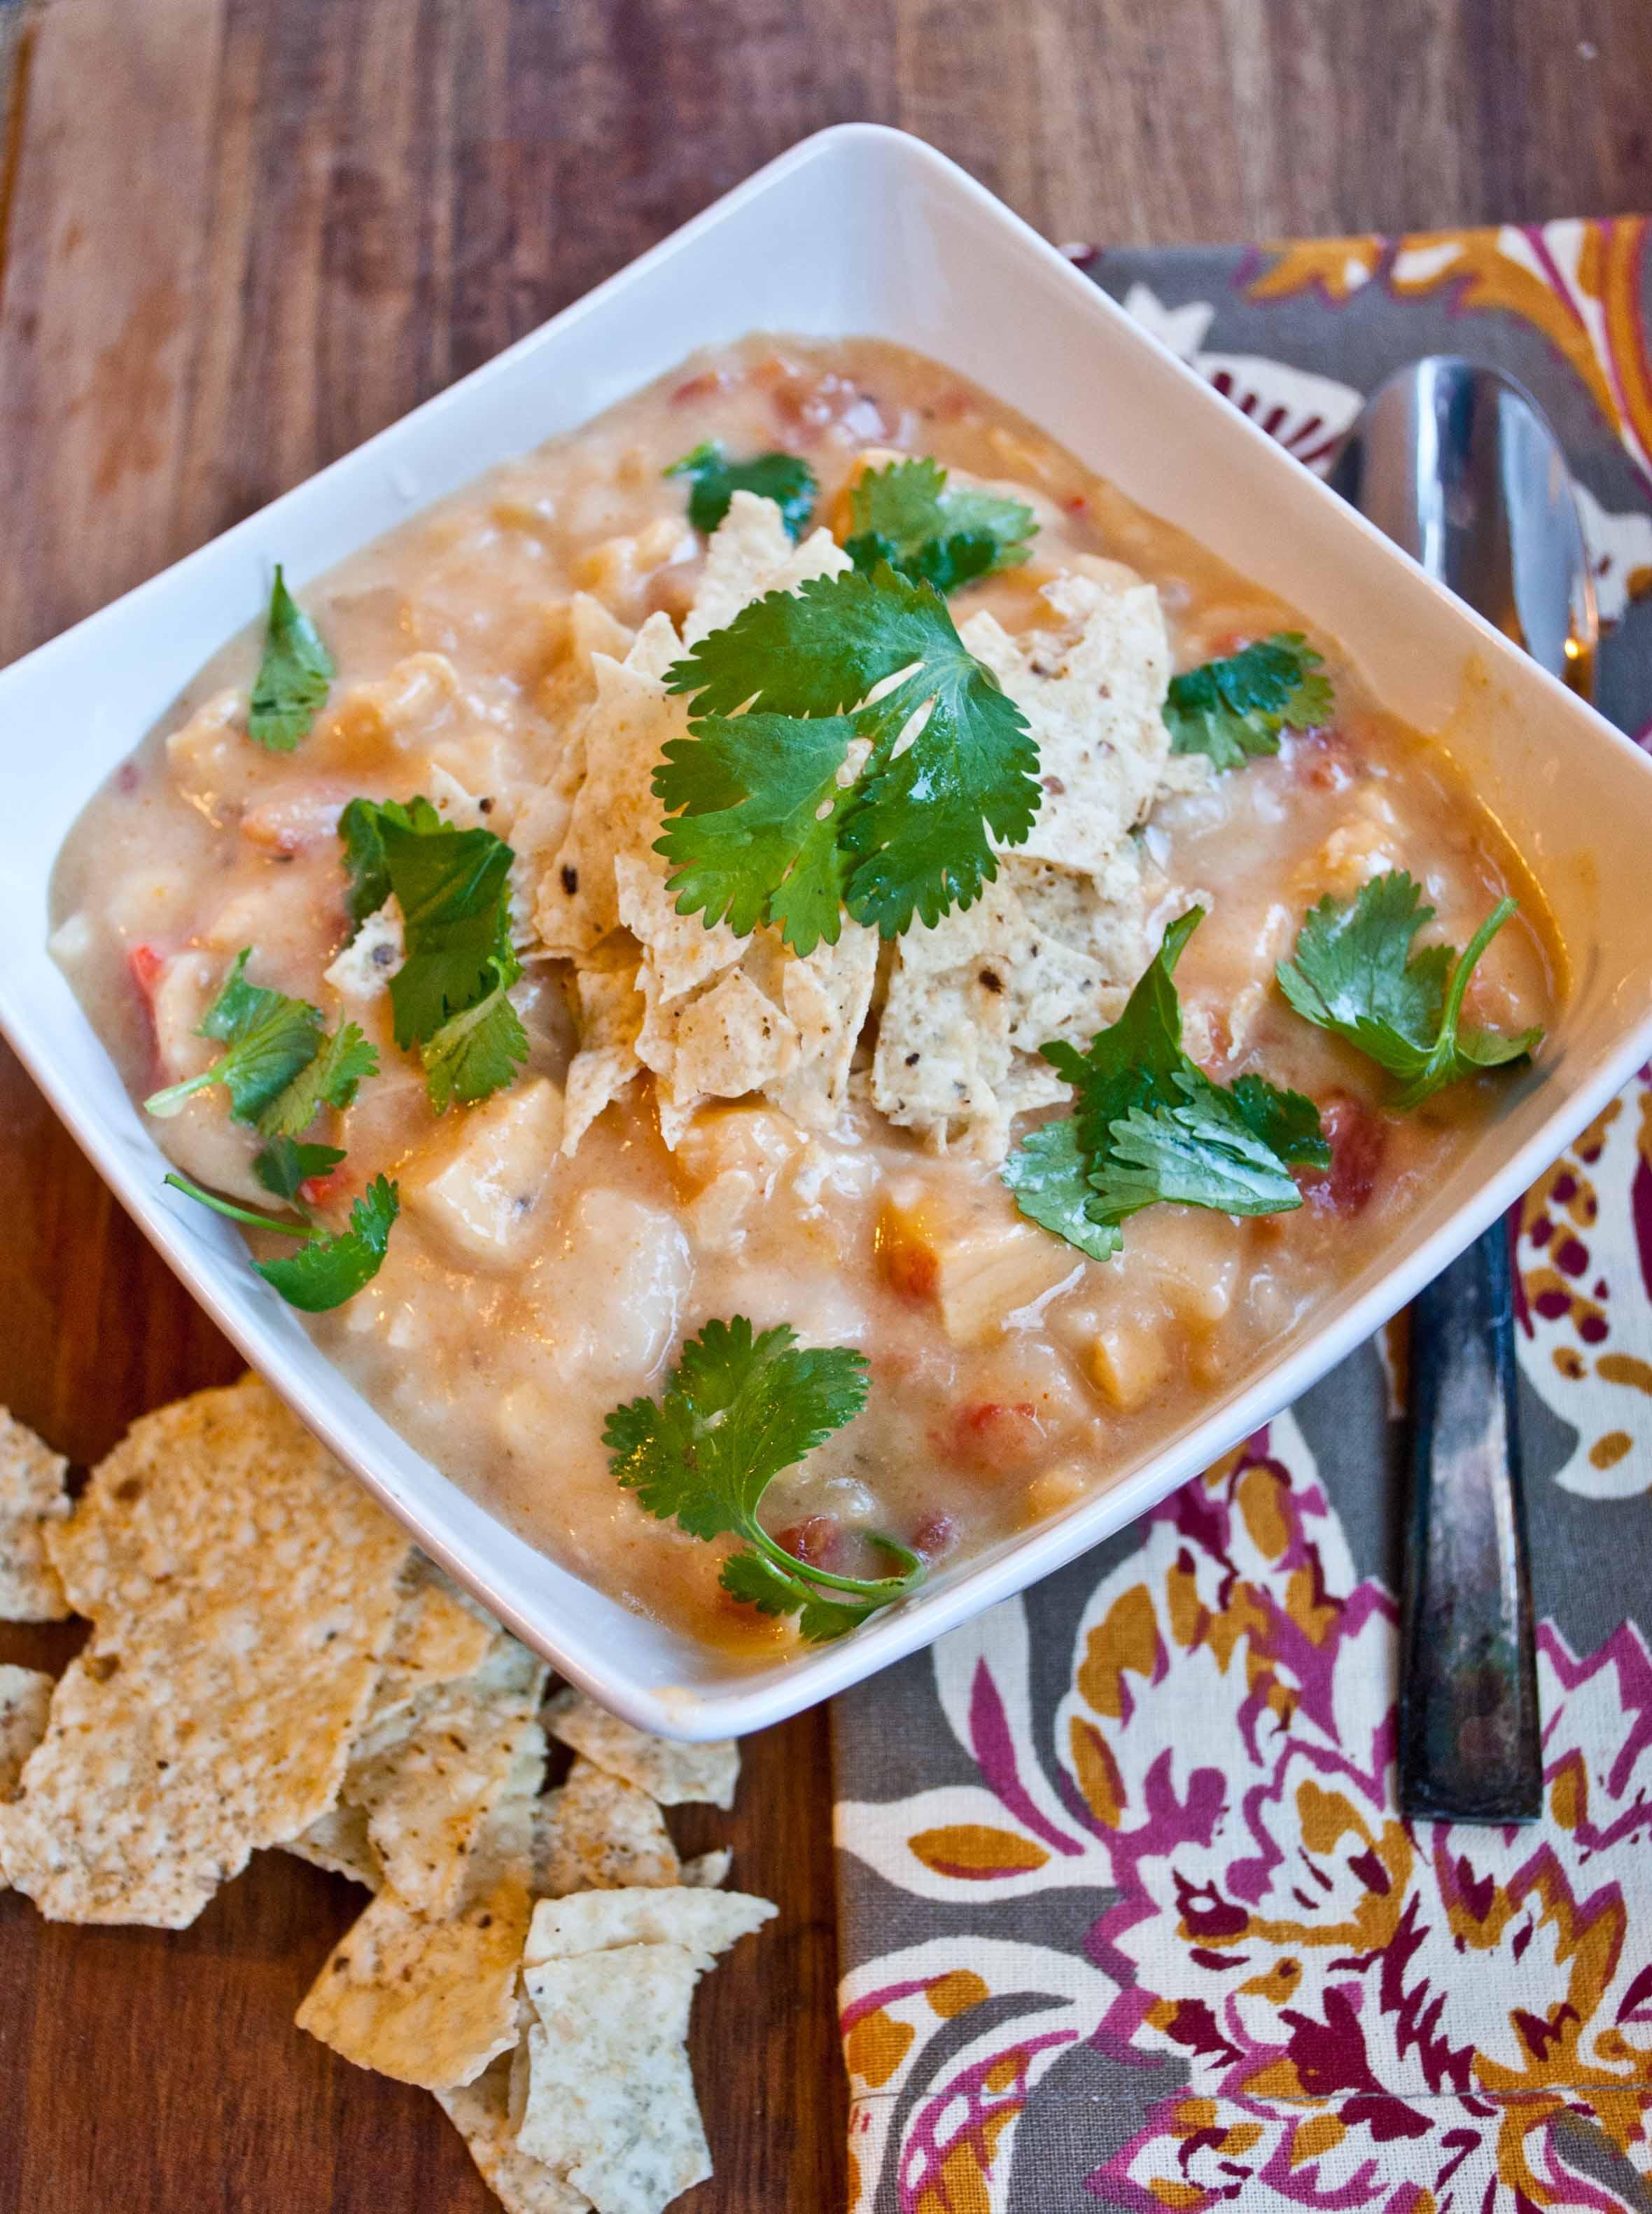 Max and Erma's Copy Cat Tortilla Soup